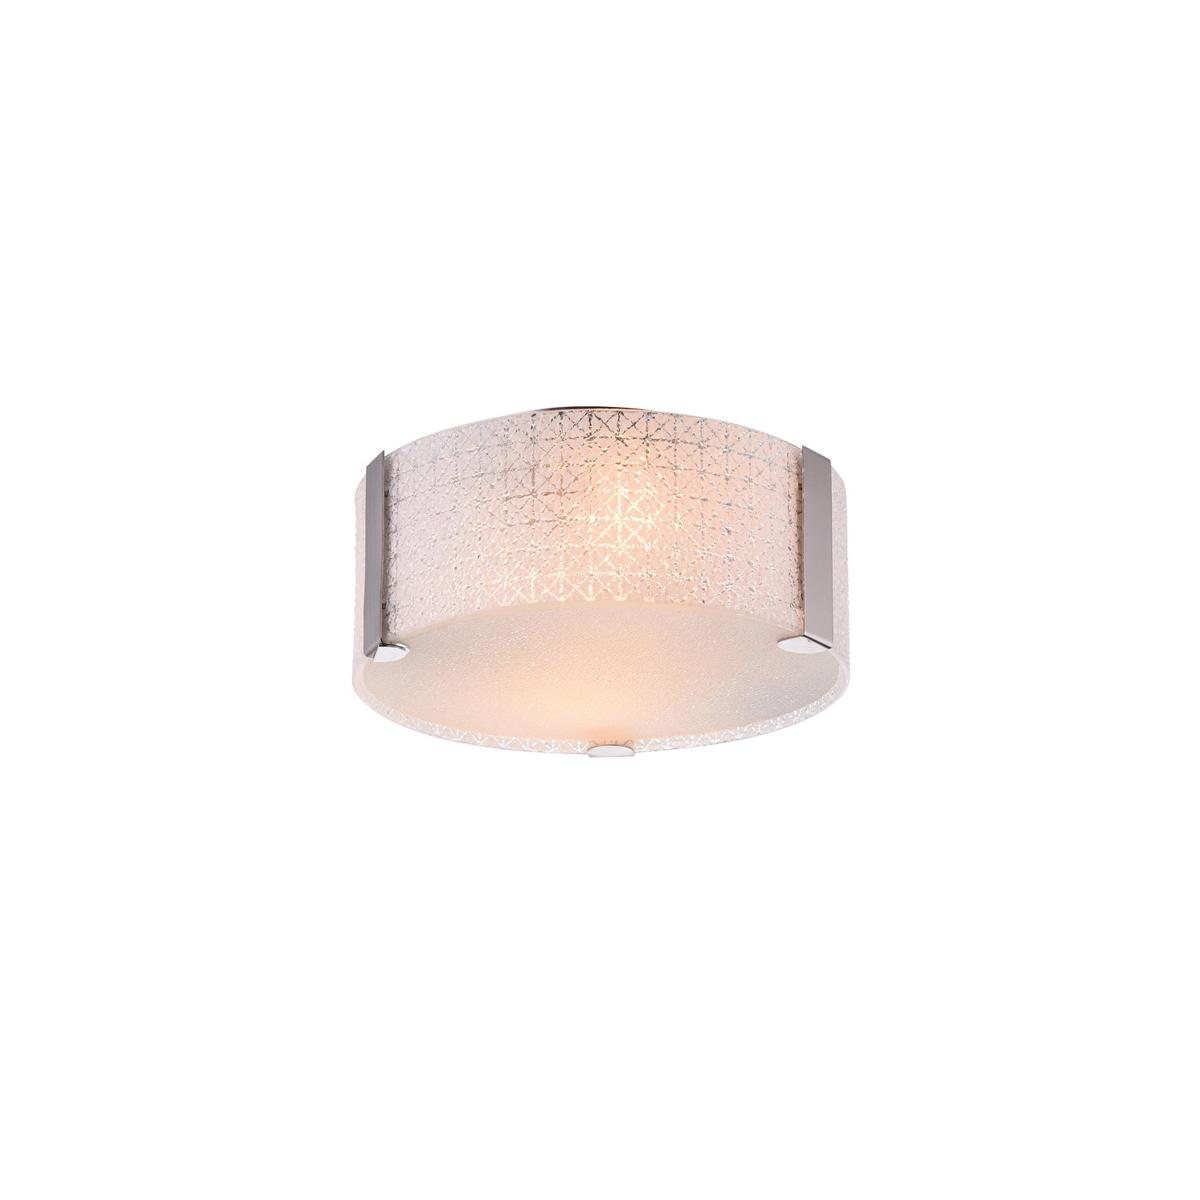 Светильник потолочный ClaraПотолочные светильники<br>Светильник потолочный в стиле Арт-Деко. Светильник поставляется в разобранном виде и имеет в комплекте все необходимые для монтажа крепежные элементы.&amp;lt;div&amp;gt;&amp;lt;br&amp;gt;&amp;lt;/div&amp;gt;&amp;lt;div&amp;gt;&amp;lt;div&amp;gt;Цоколь: E27&amp;lt;/div&amp;gt;&amp;lt;div&amp;gt;Мощность лампы: 60W&amp;lt;/div&amp;gt;&amp;lt;div&amp;gt;Количество ламп: 2&amp;lt;/div&amp;gt;&amp;lt;div&amp;gt;Лампочки не входят в комплект люстры.&amp;lt;/div&amp;gt;&amp;lt;/div&amp;gt;<br><br>Material: Стекло<br>Height см: 20<br>Diameter см: 30